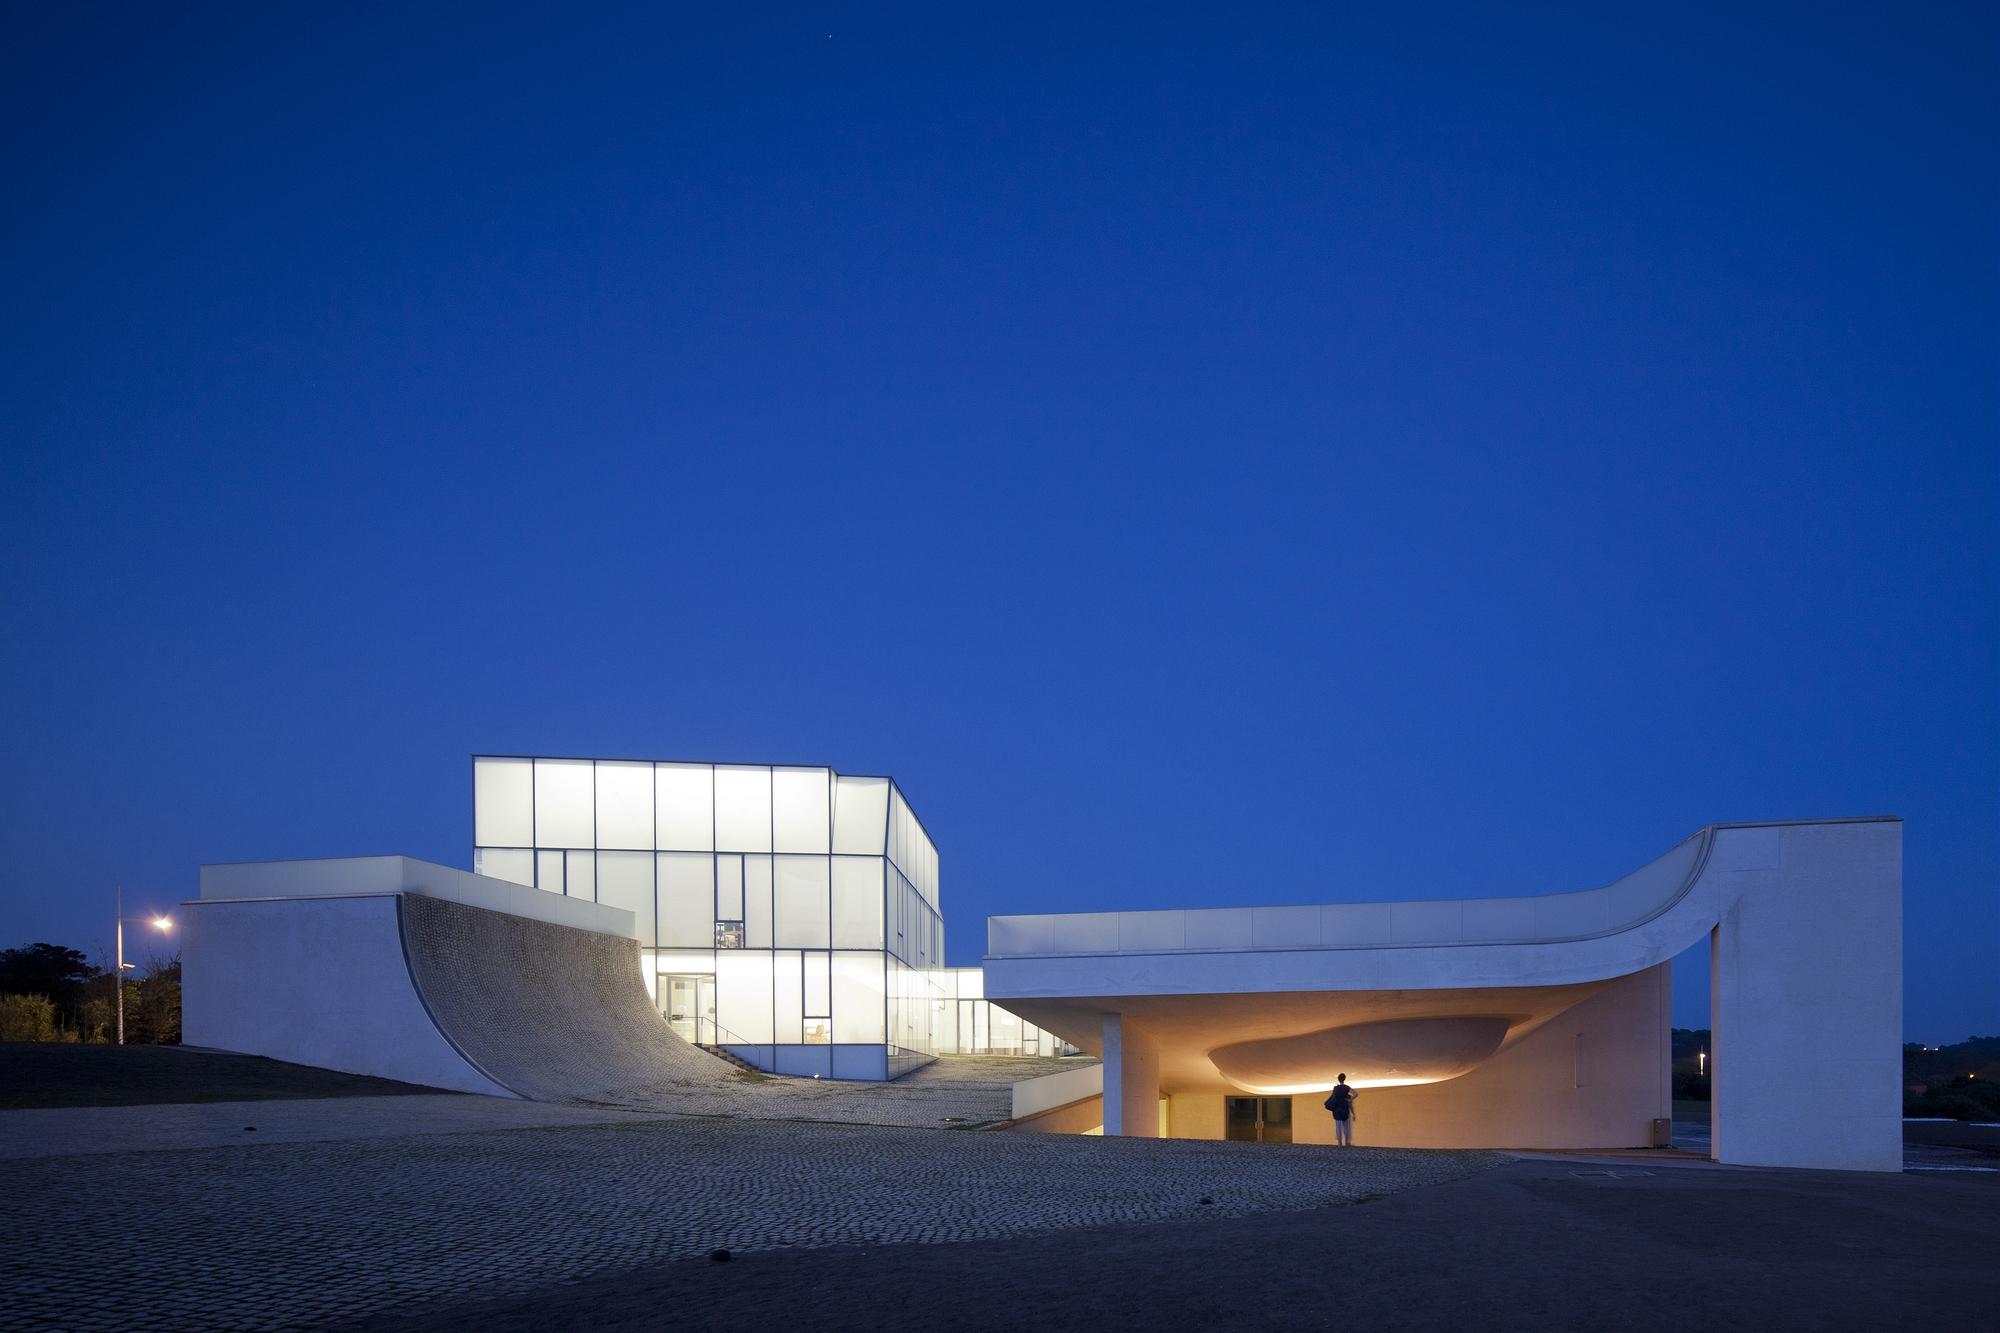 Cité de l'Océan et du Surf: iluminación de un espacio expositivo que se extiende a través del paisaje, © FG +SG Ultimas Reportagens